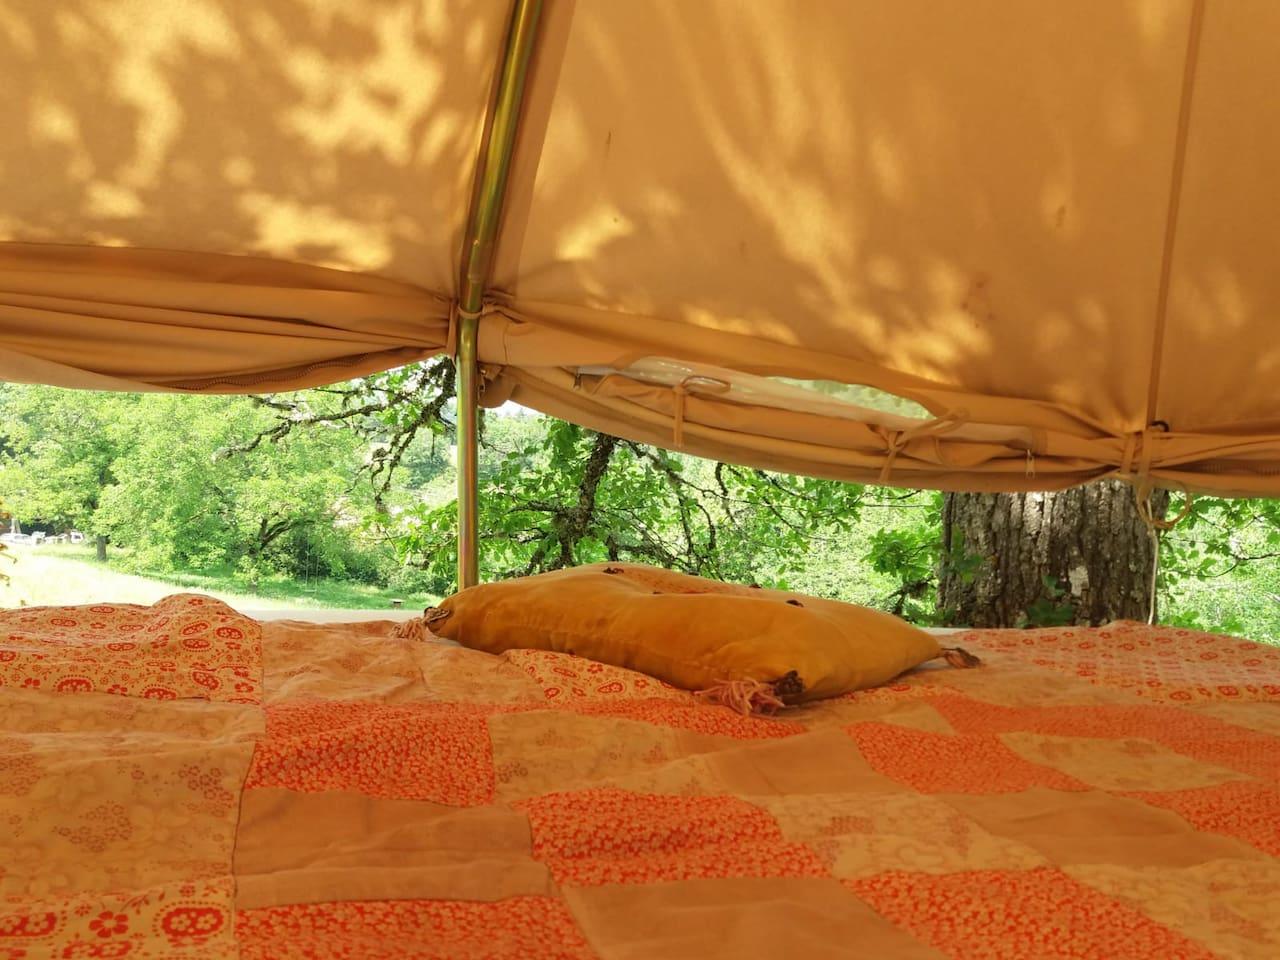 Un lit confortable dans une tente nomade en pleine nature avec possibilité de fermeture ou d'ouverture du pourtour de la tente pour plus de vue et de fraîcheur...